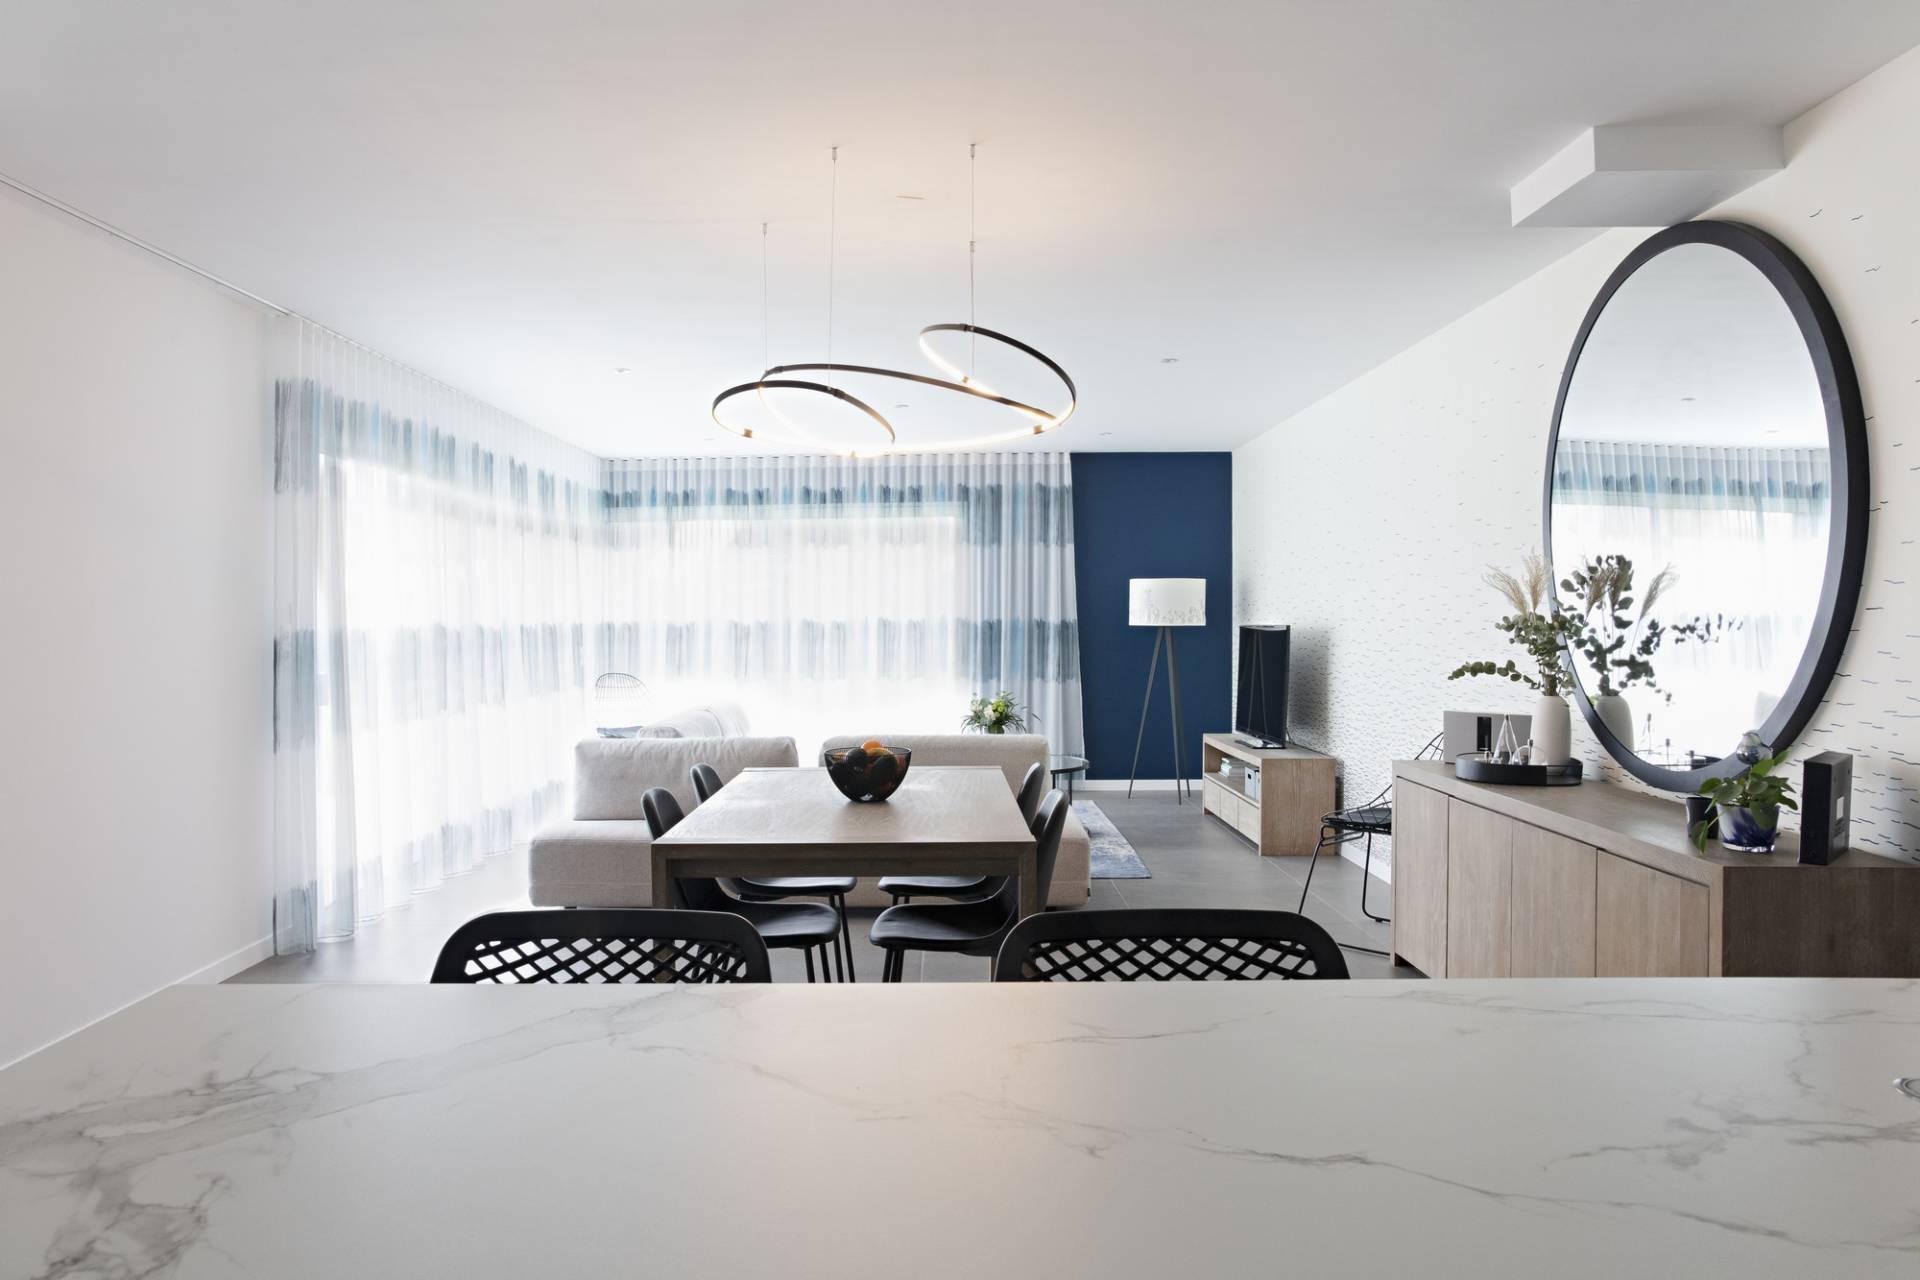 Décoration et agencement d'une maison sur plans à Bédée - cuisine salle à manger et salon lumineux blanc bleu bois et noir